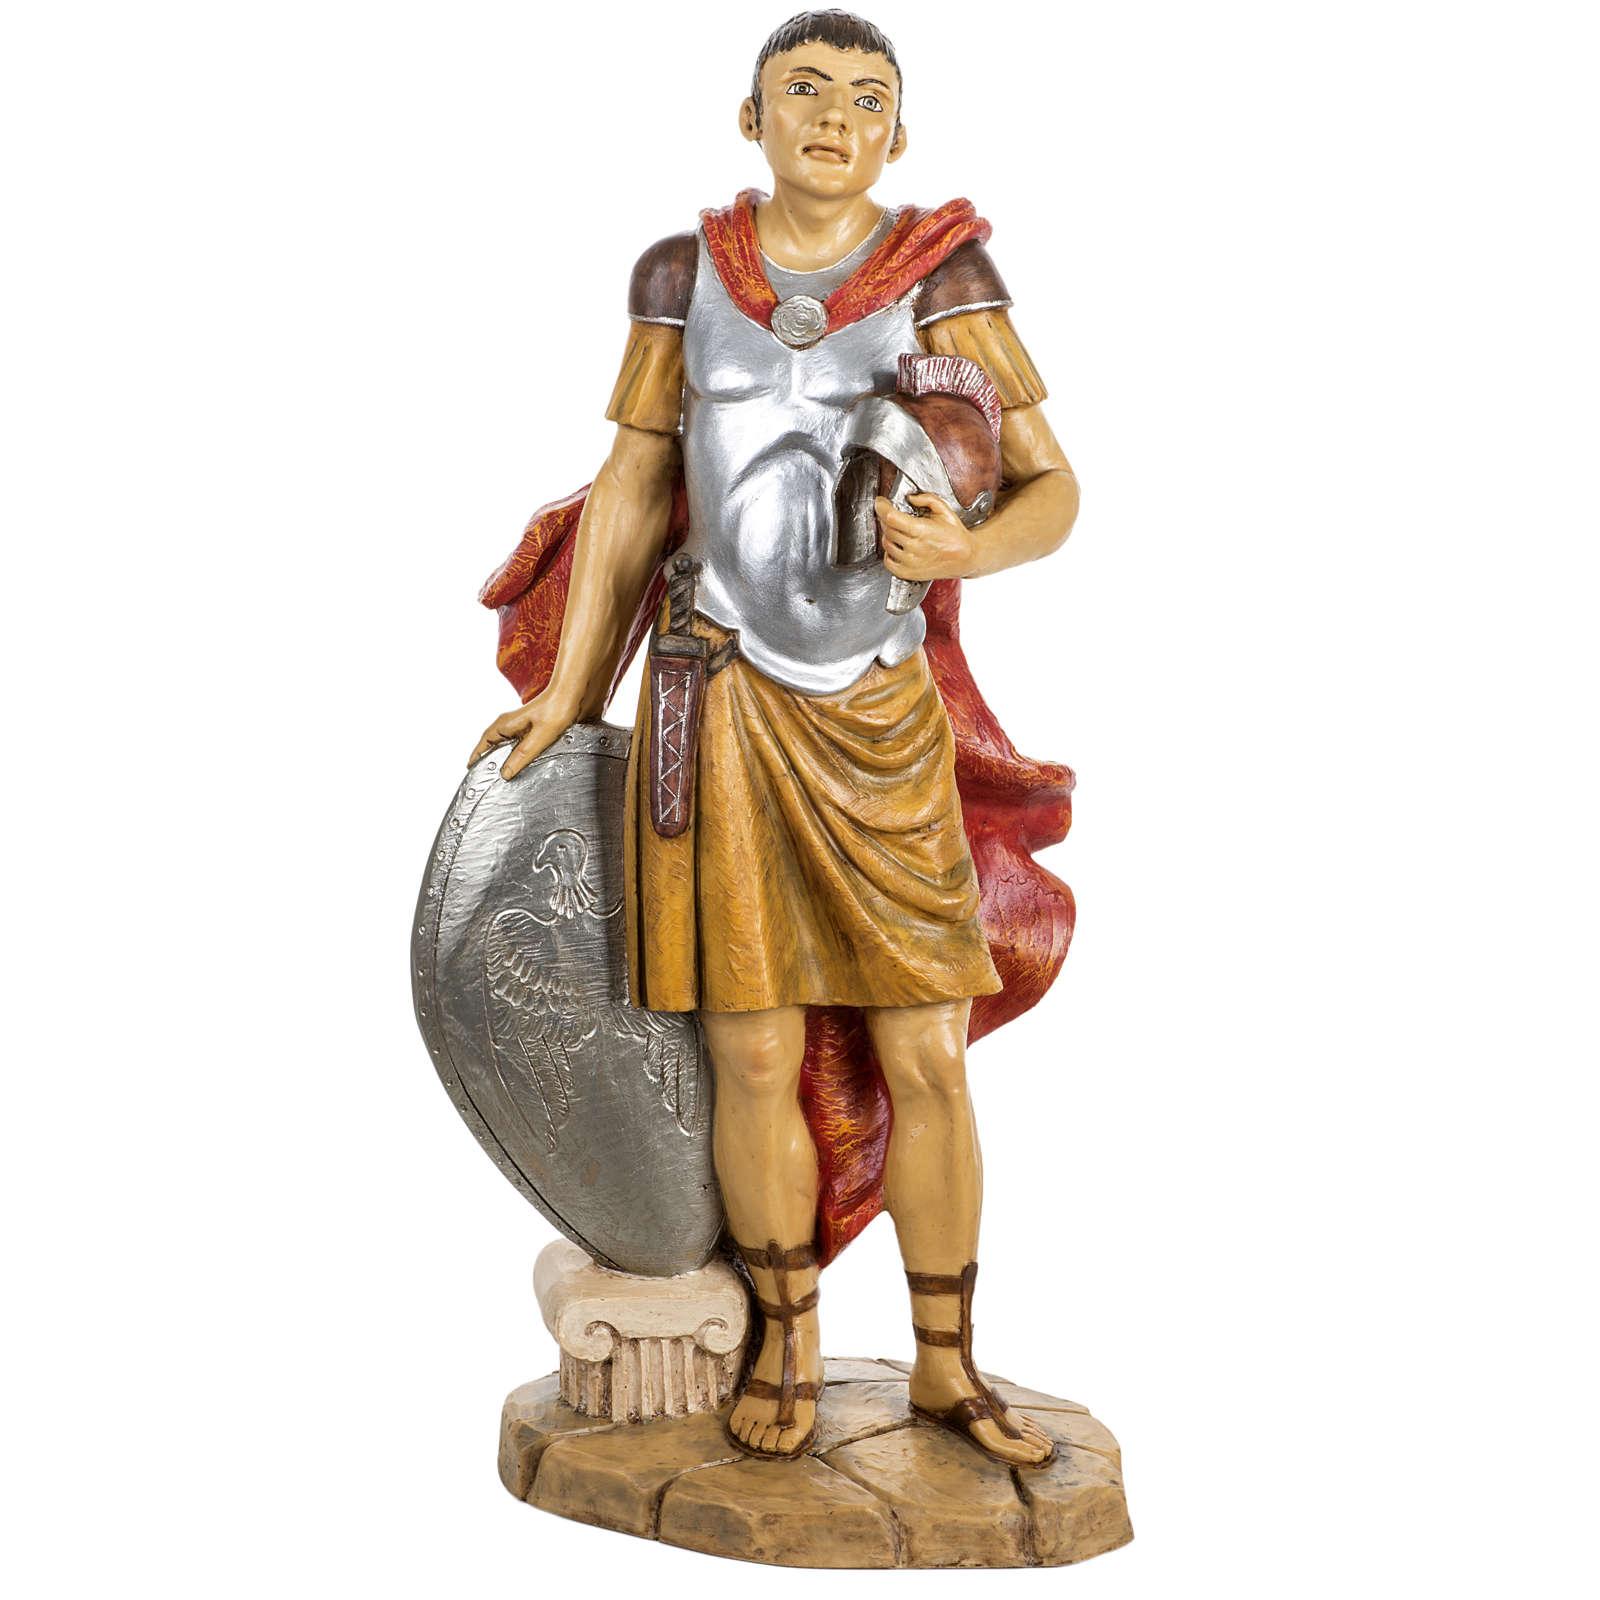 Soldato romano Fontanini presepe 65 cm resina 4